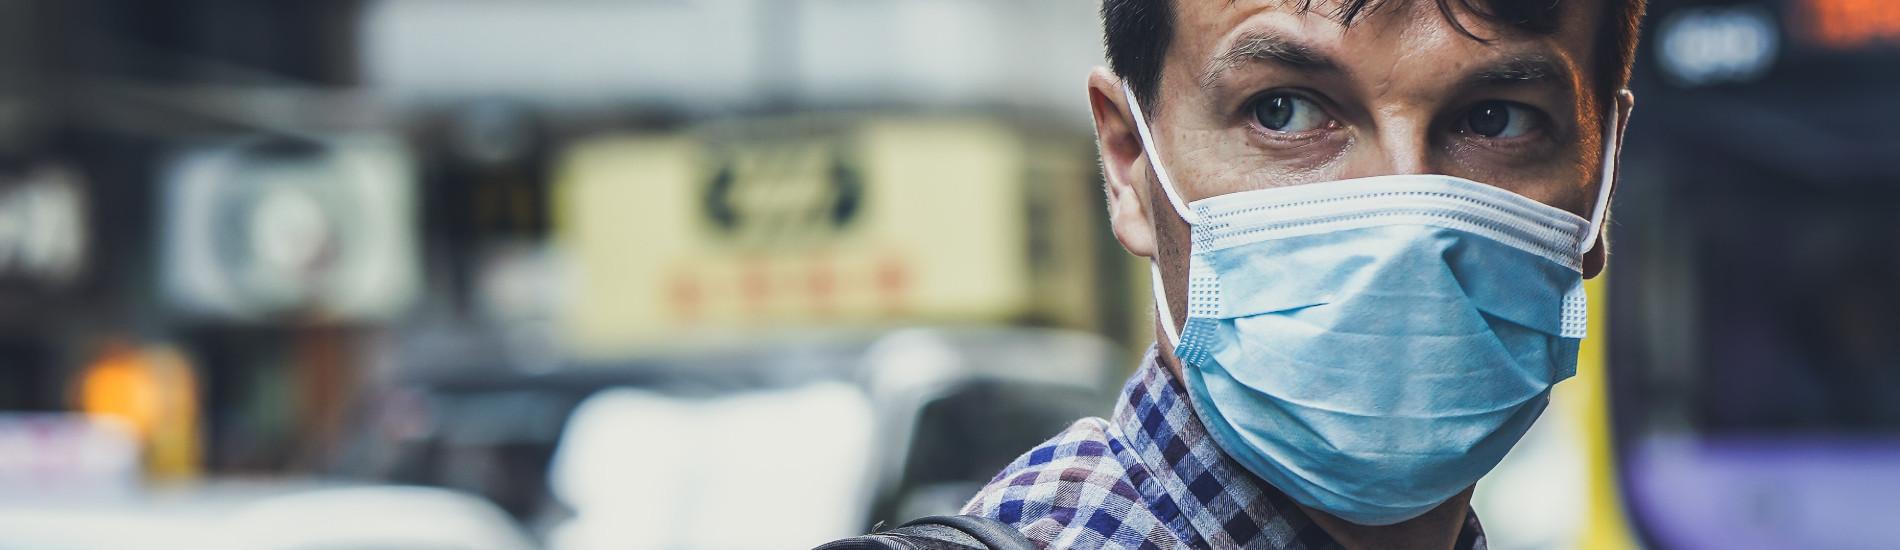 Koronawirus – jak odwołać podróż na Daleki Wschód?